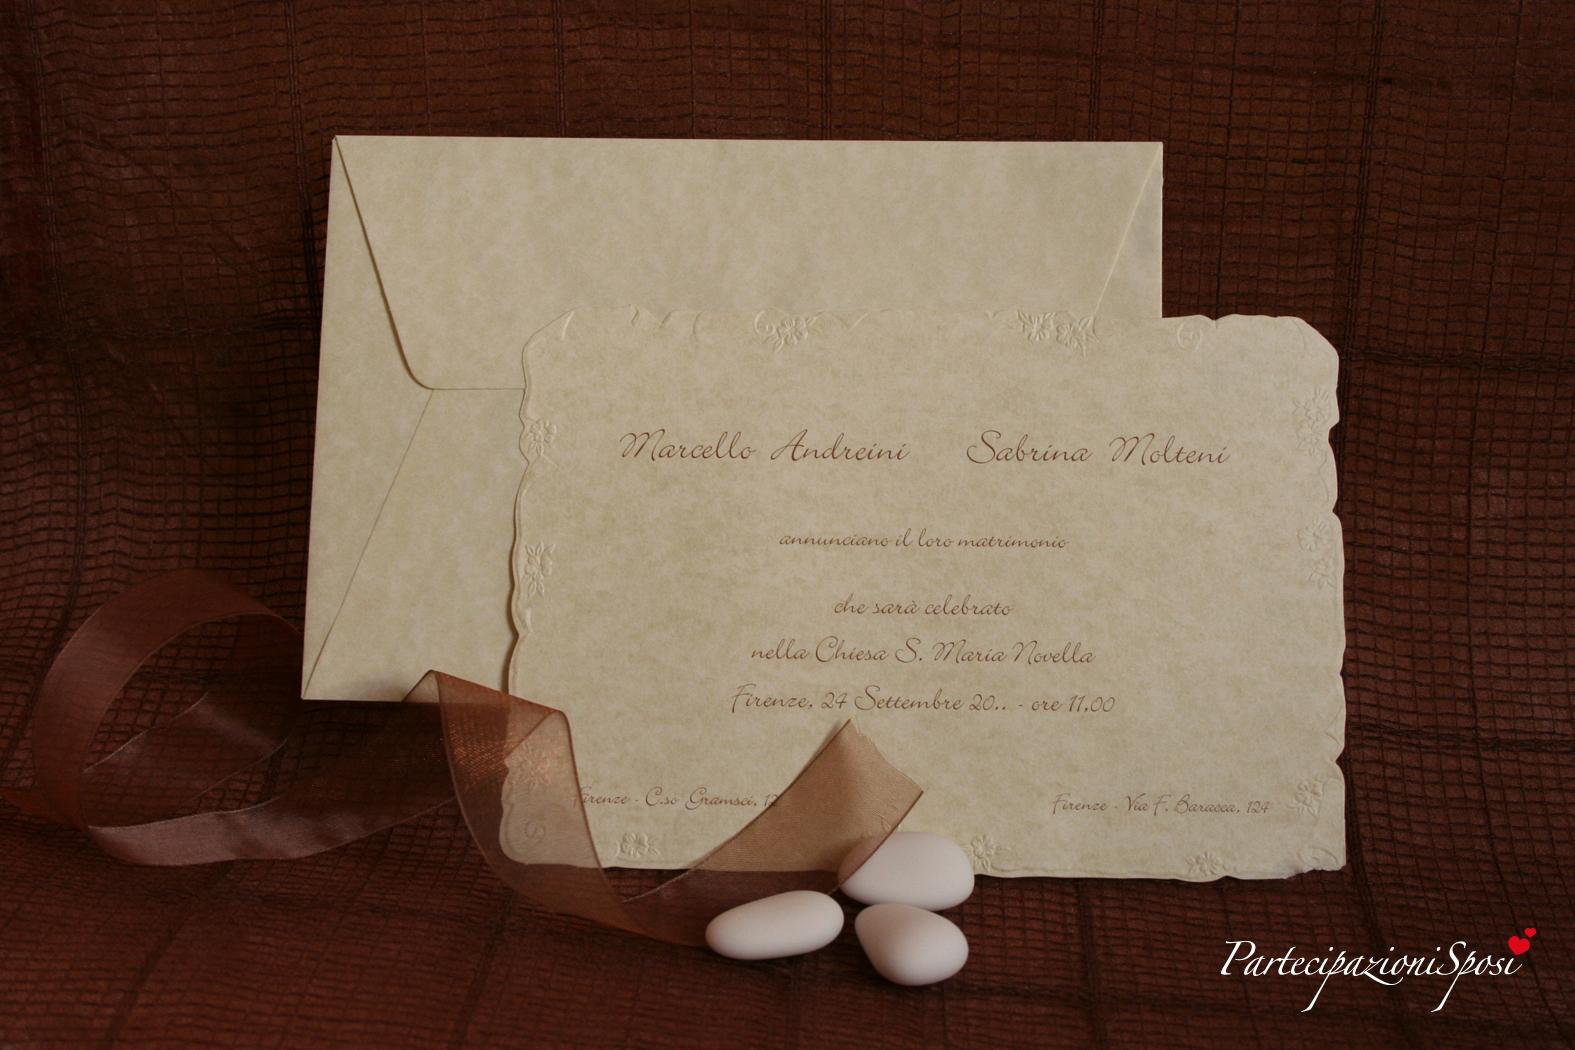 Art 007 partecipazioni sposi stampa partecipazioni for Inviti per matrimonio